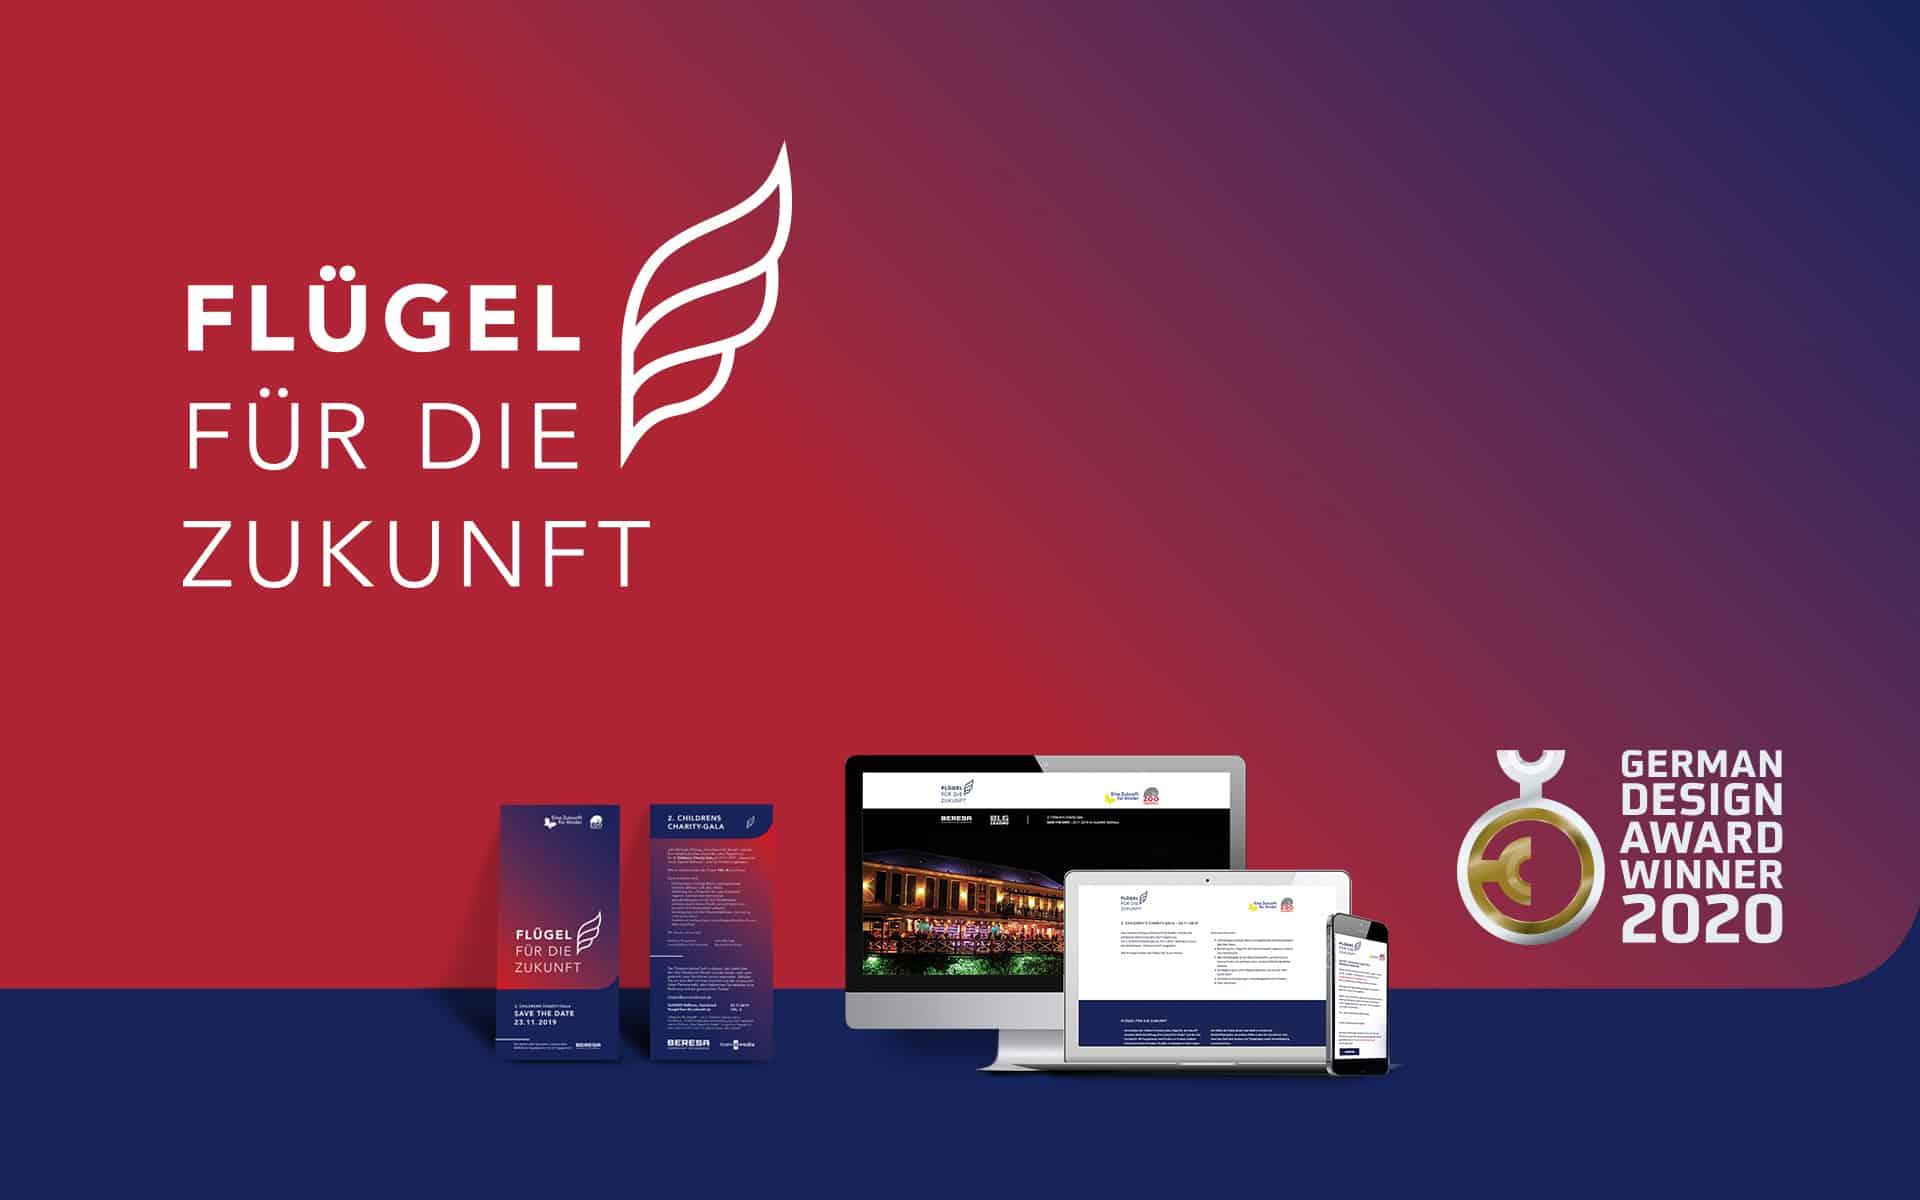 German Design Award 2020 Winner team4media - Ihre Werbeagentur in Osnabrück